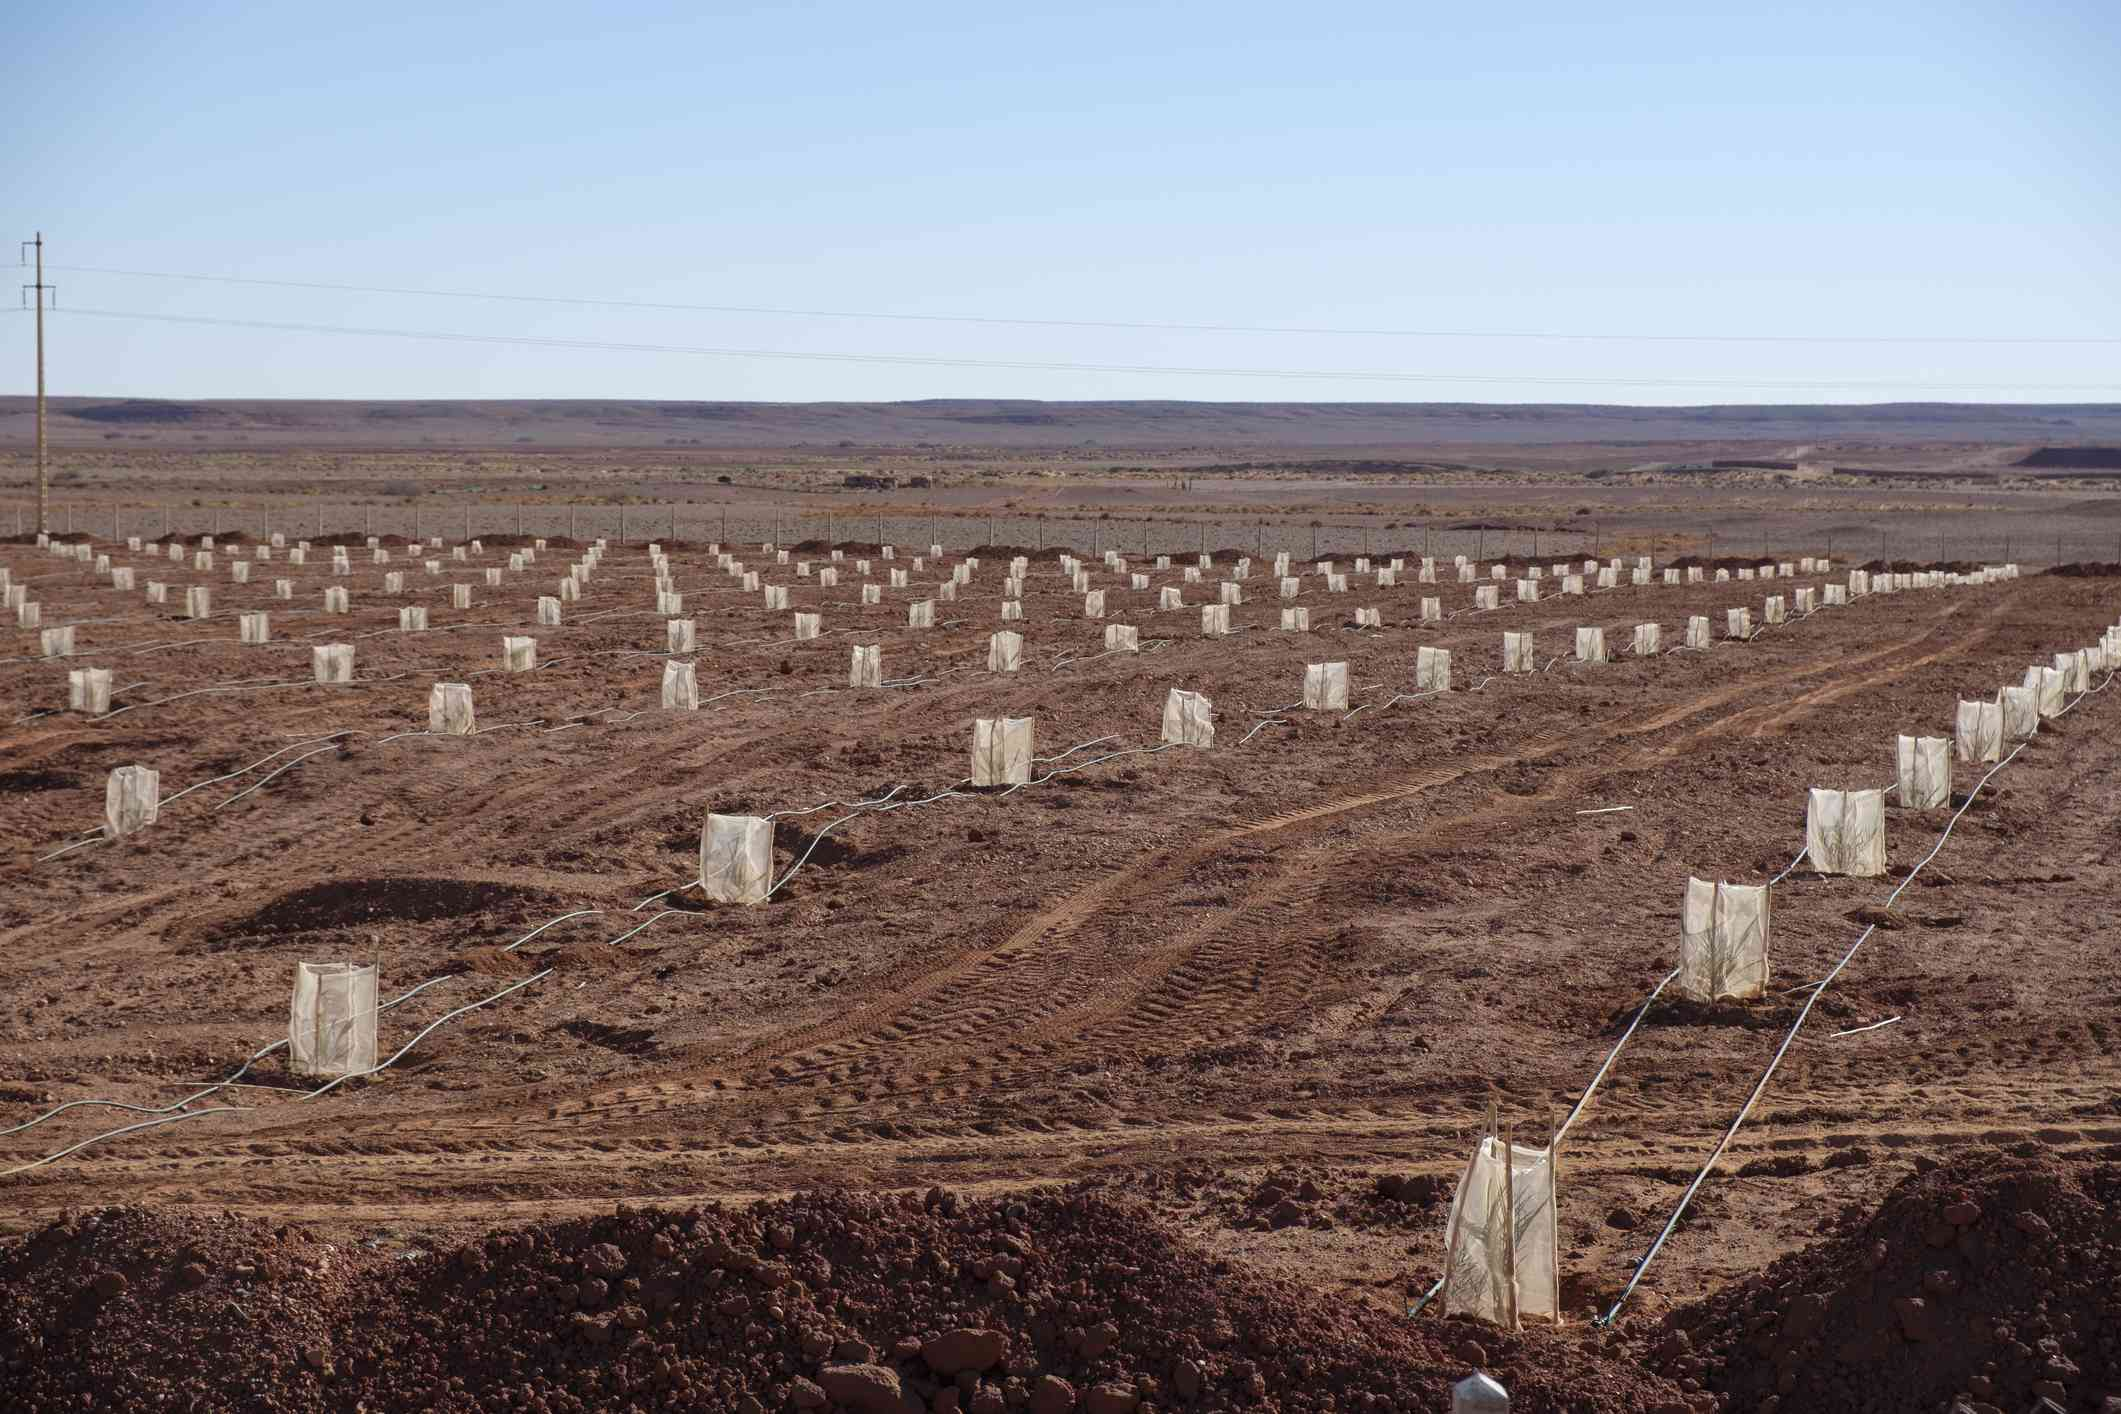 Seedlings in the desert